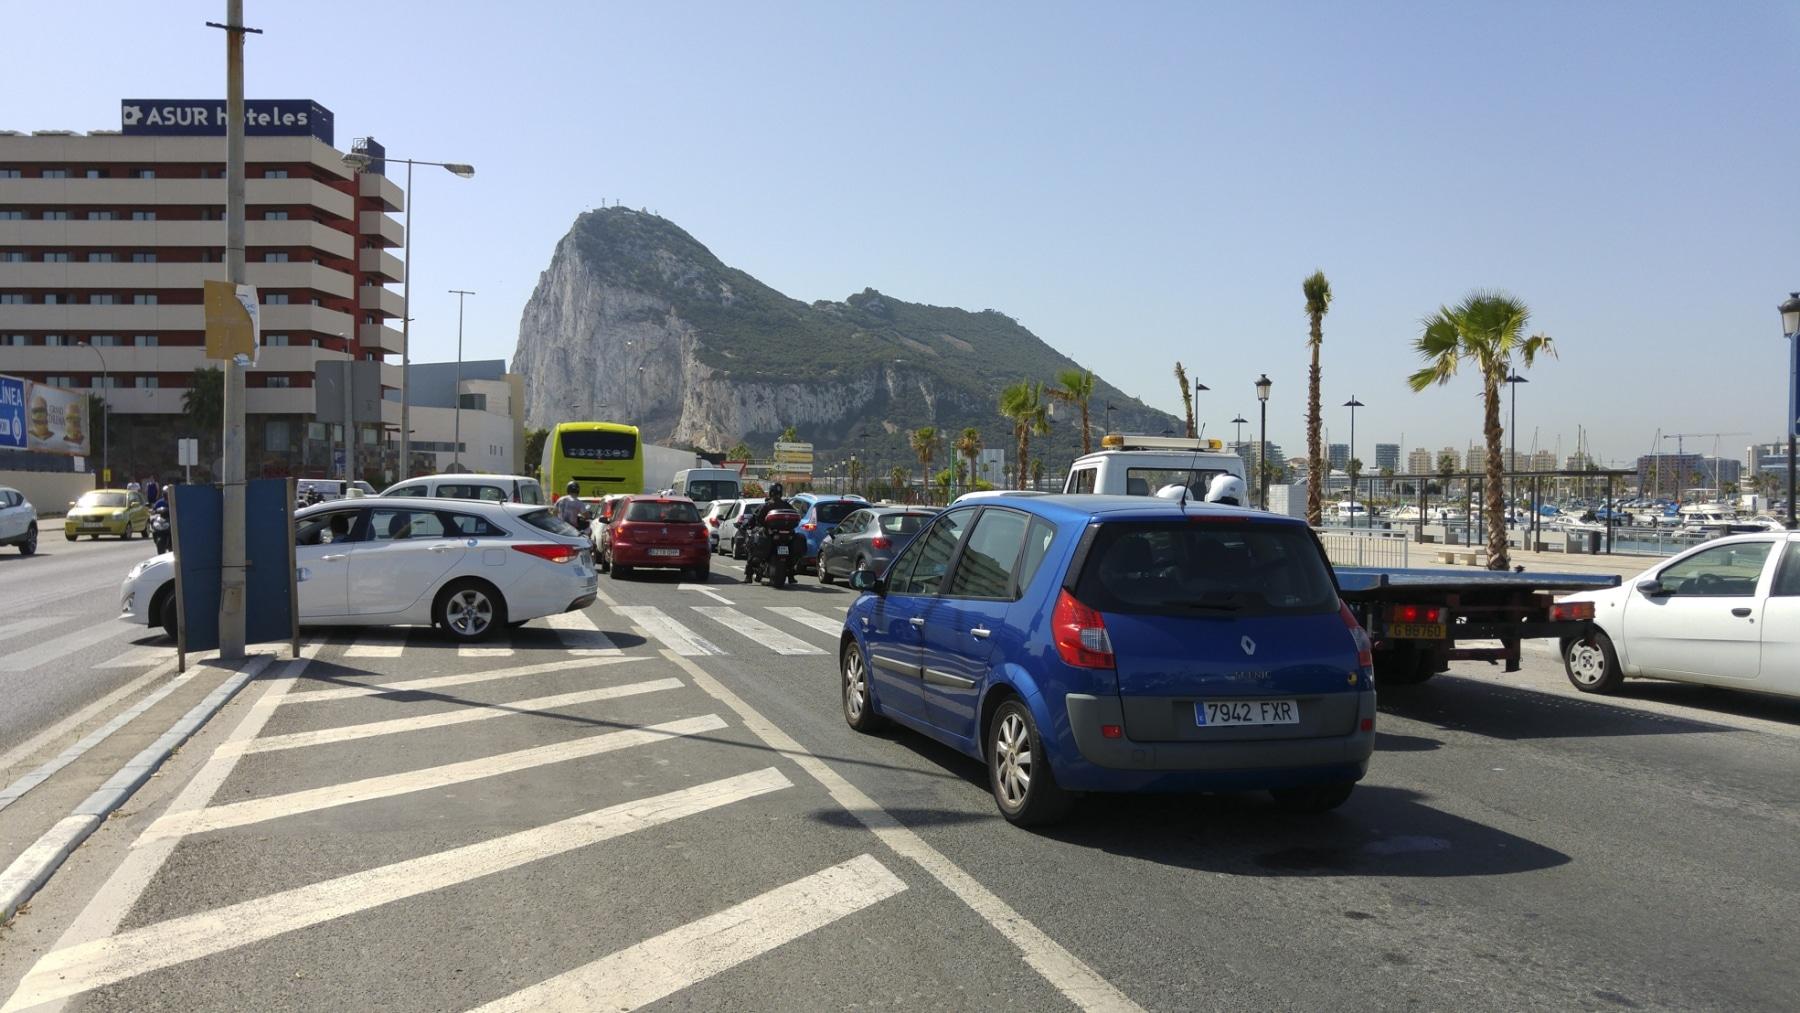 cola-entrada-a-gibraltar-28072015-09_19901590188_o